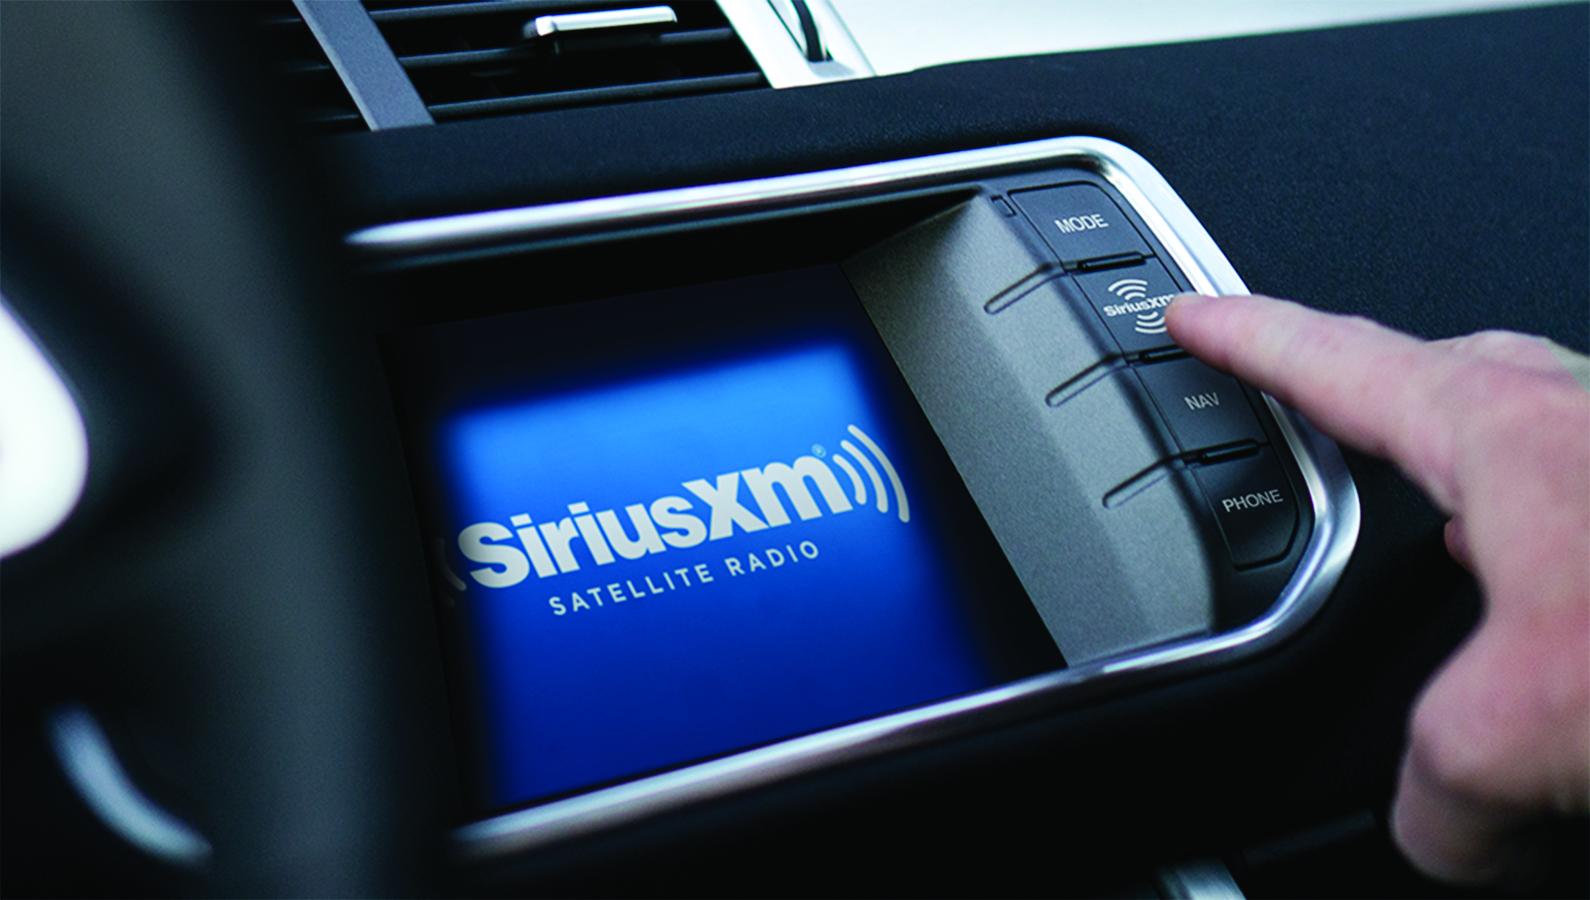 A car wirth Sirius XM built in